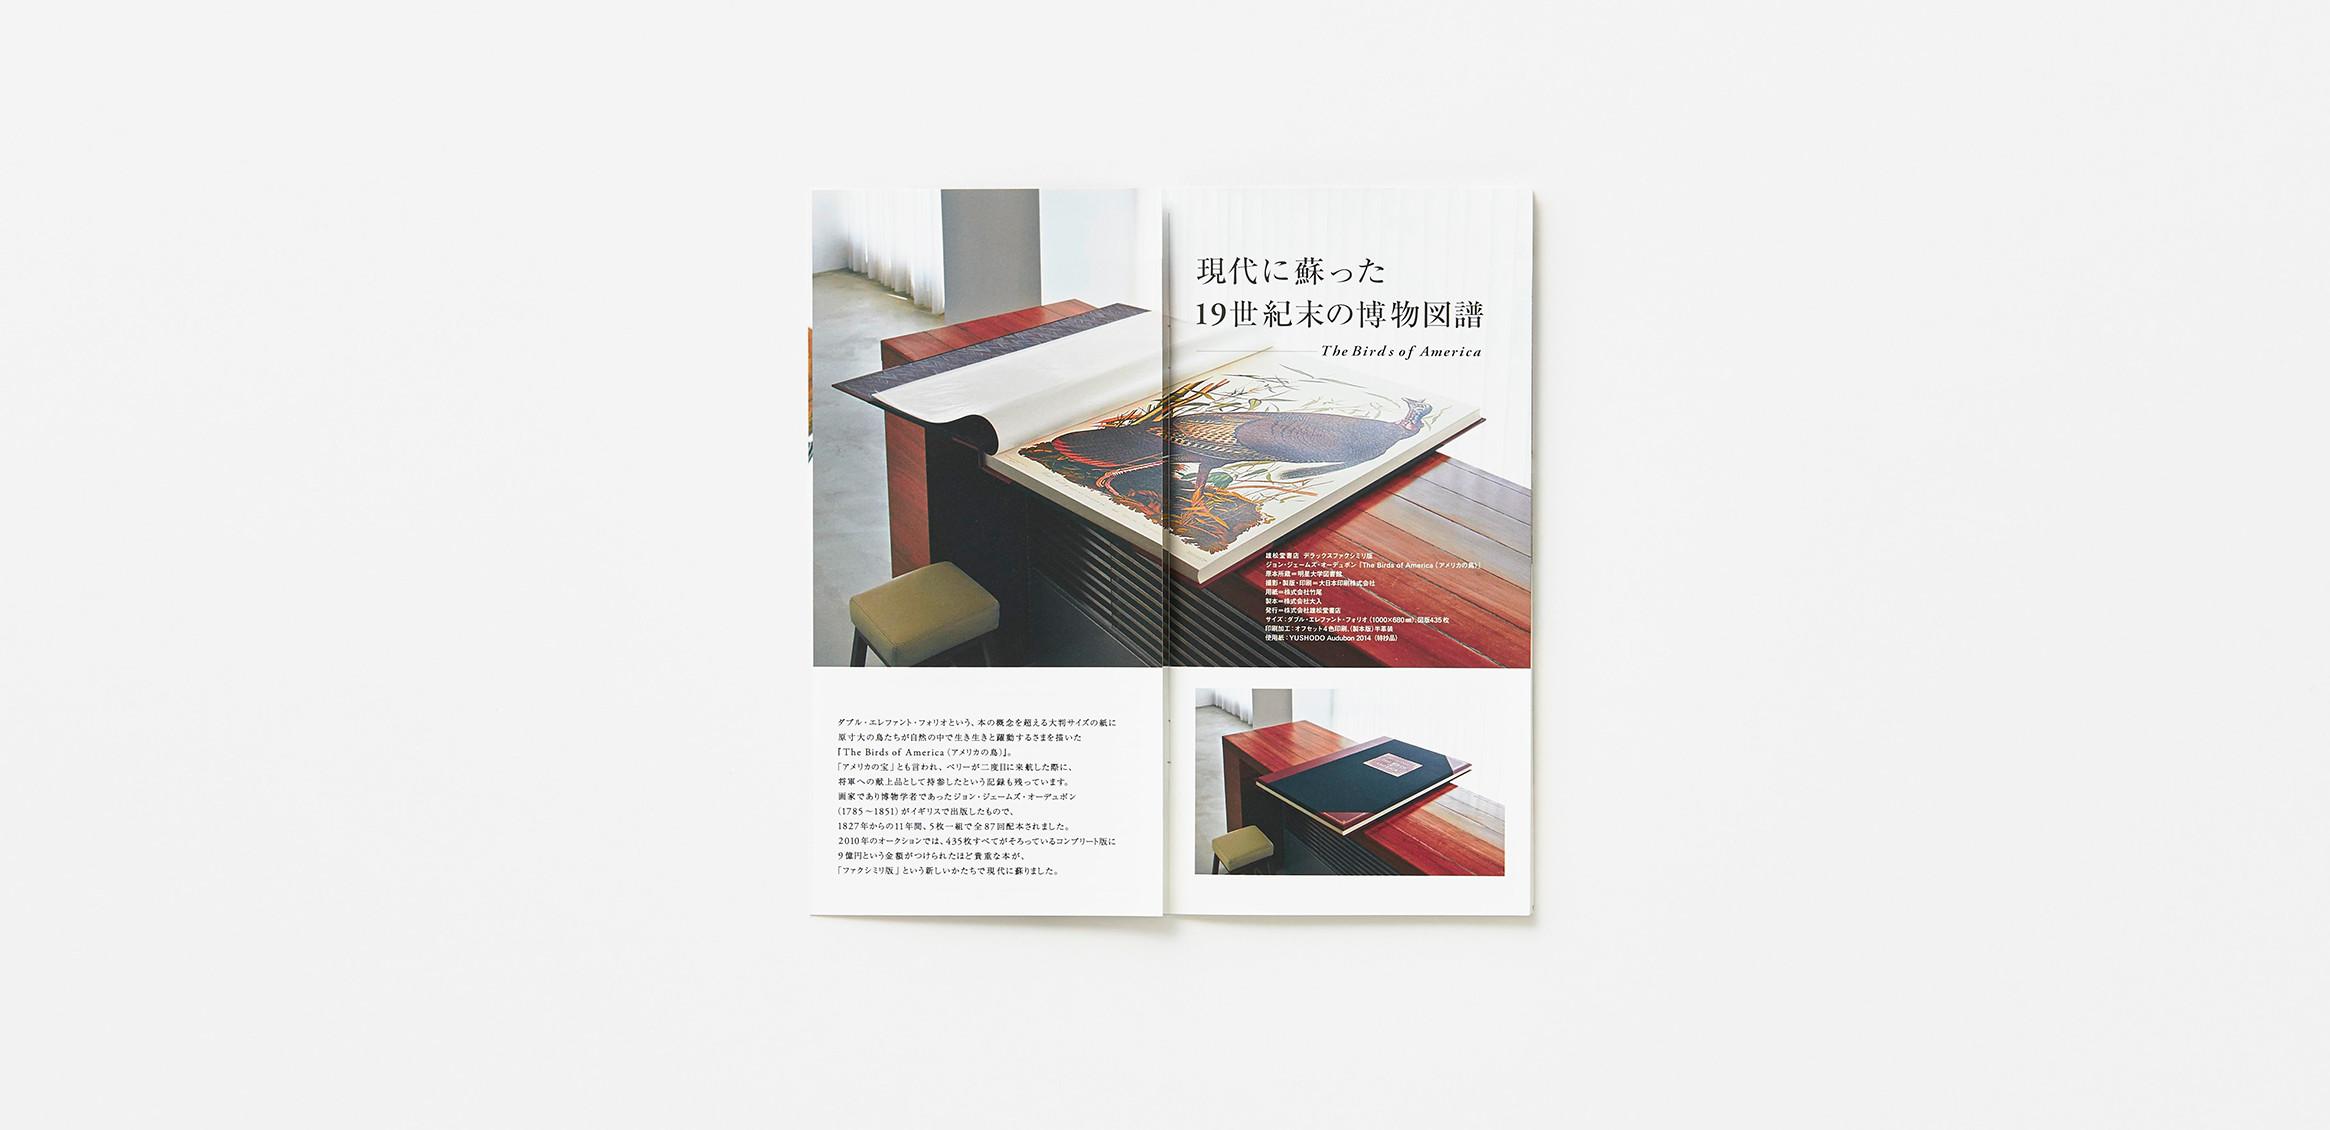 竹尾 PAPER'S5枚目